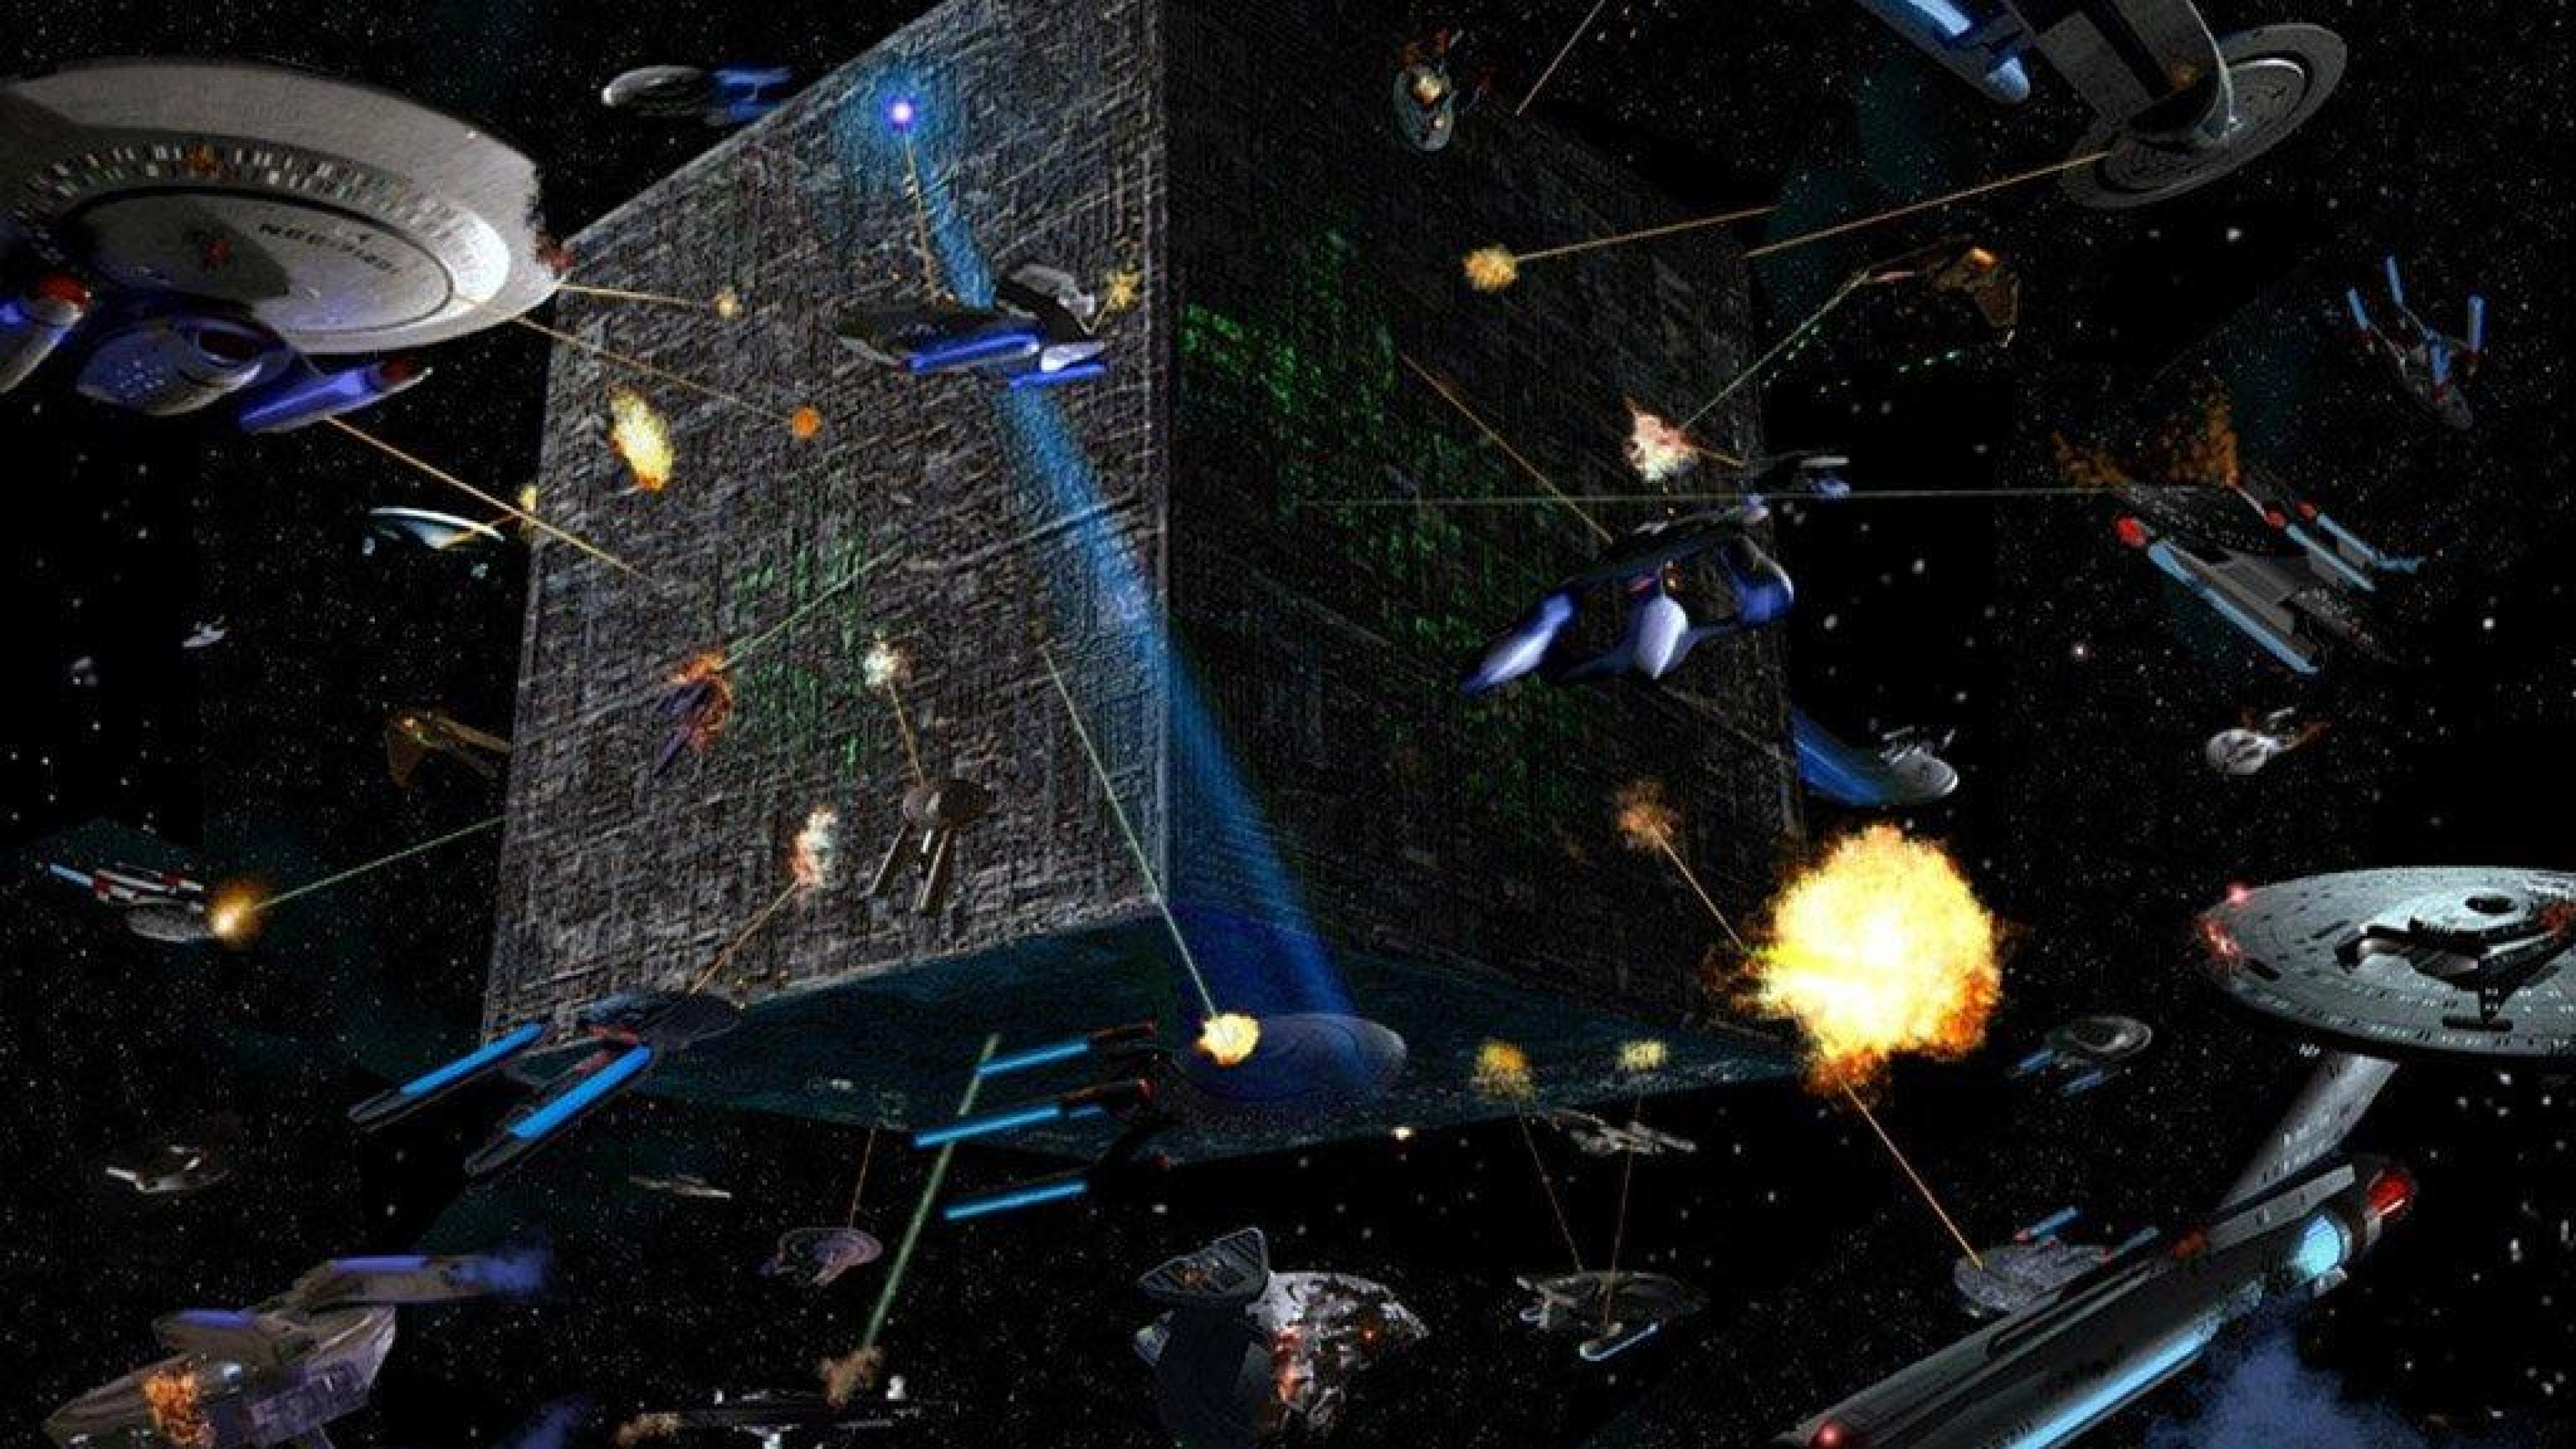 328 3281681 wallpapers of star trek star trek borg space